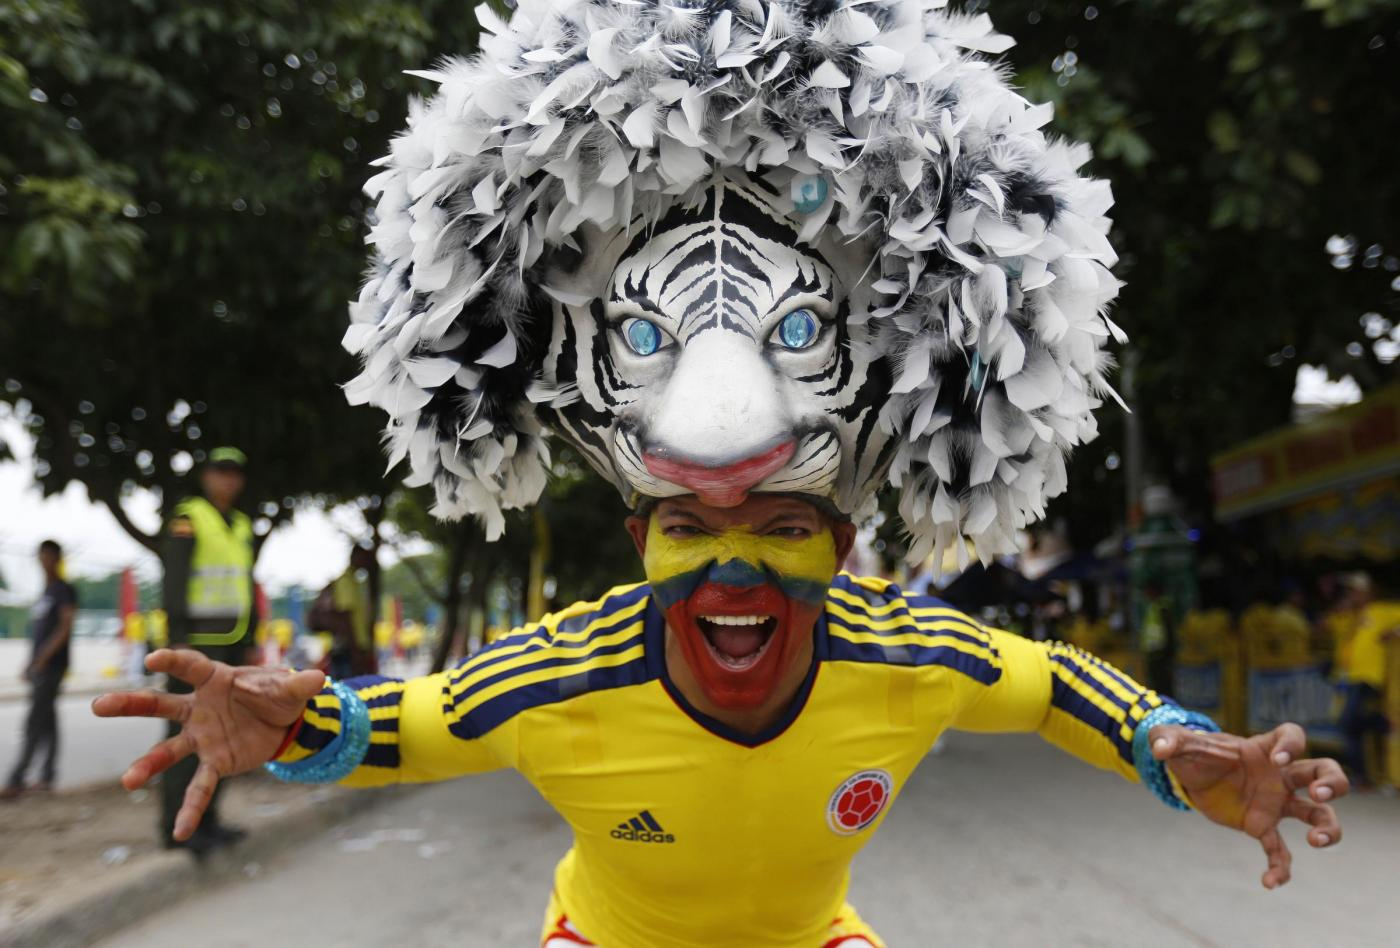 Boicottiamo questi mondiali di merda - Pagina 2 Mondiale-2014-brasile-outsider-colombia-7